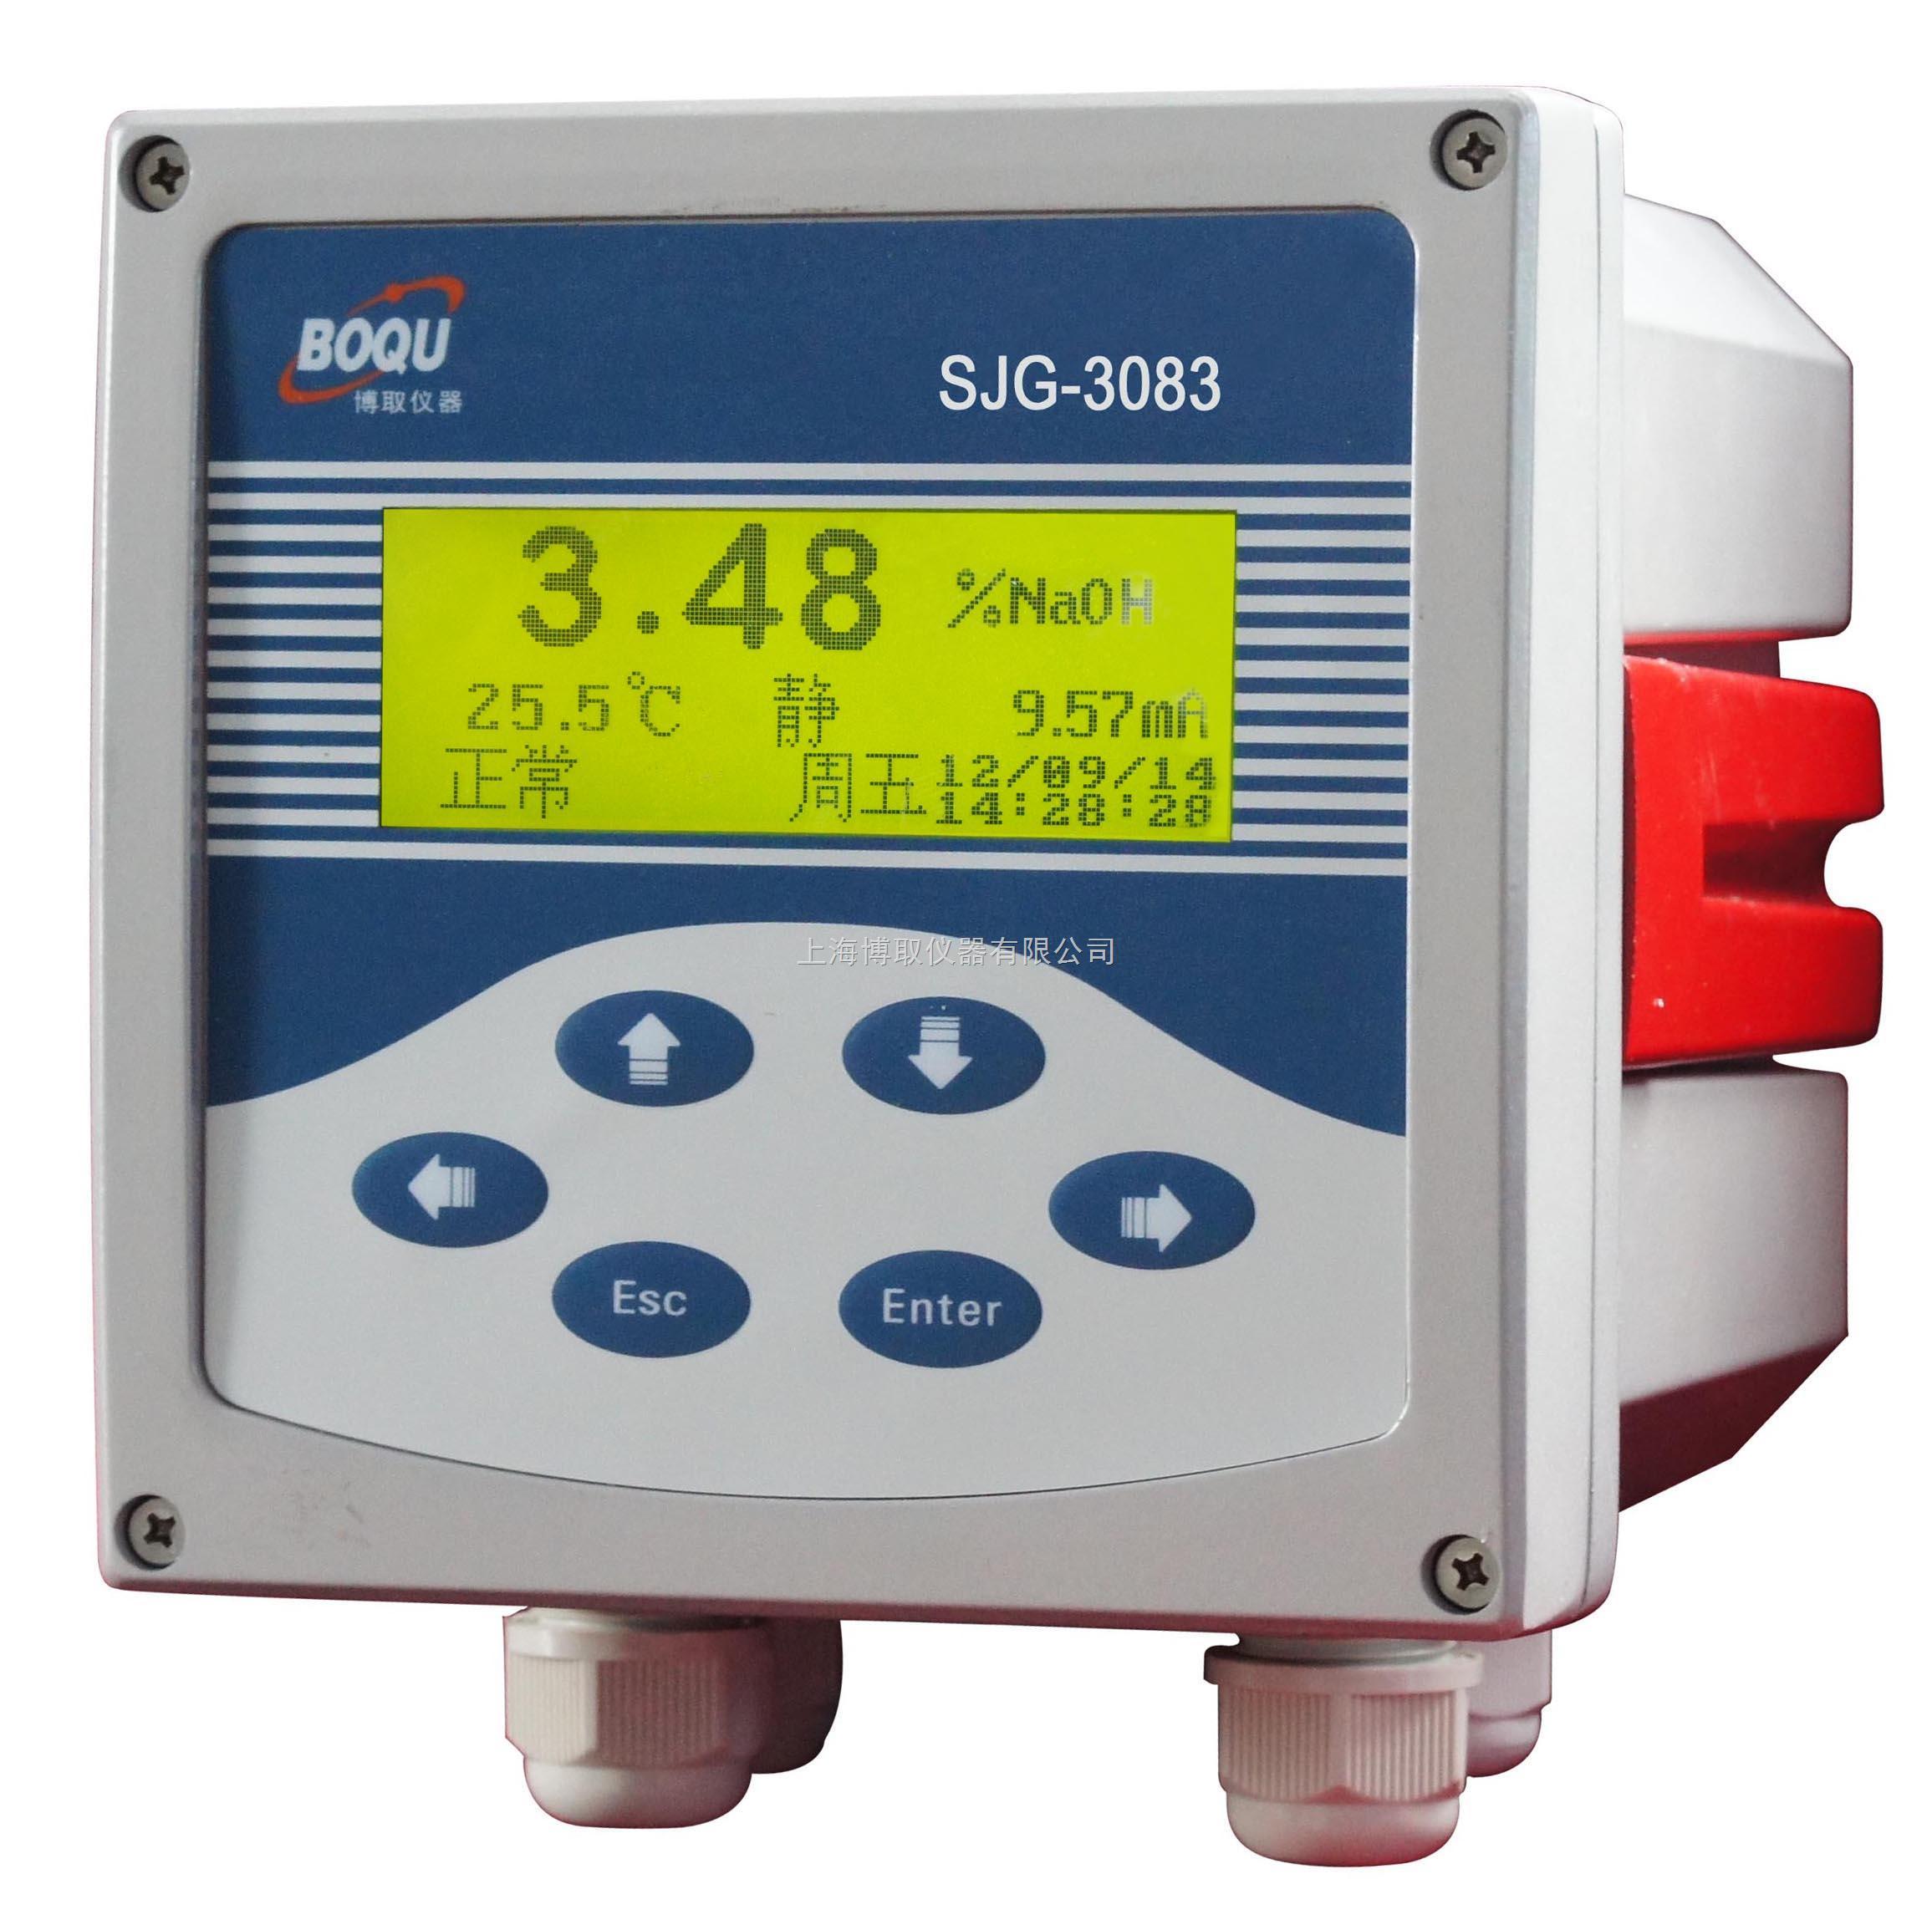 SJG-3083工业酸碱浓度计(铸铝壳体)、在线酸碱浓度计